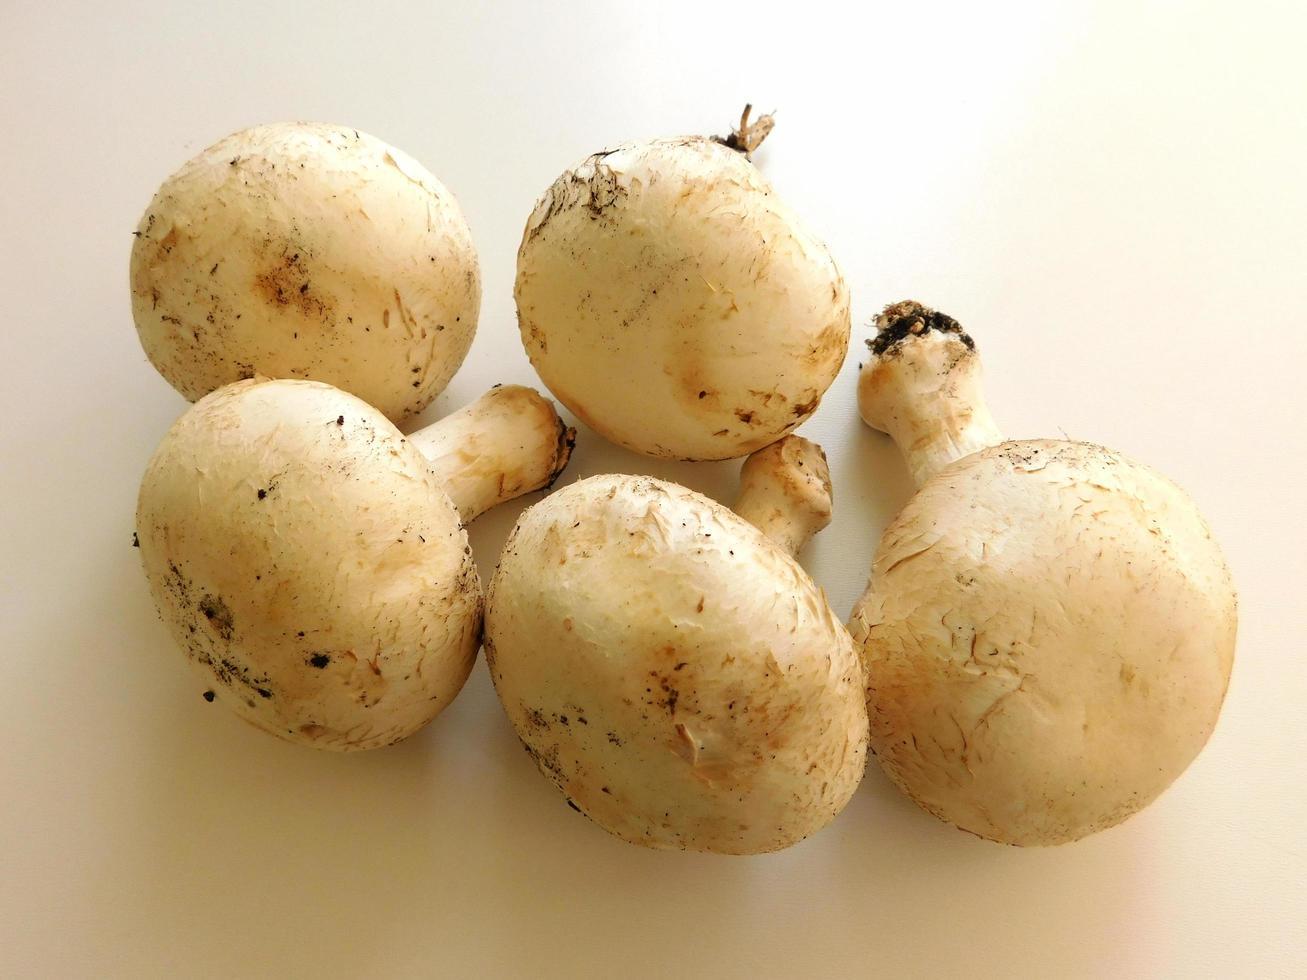 vijf witte champignons op een beige tabelachtergrond foto